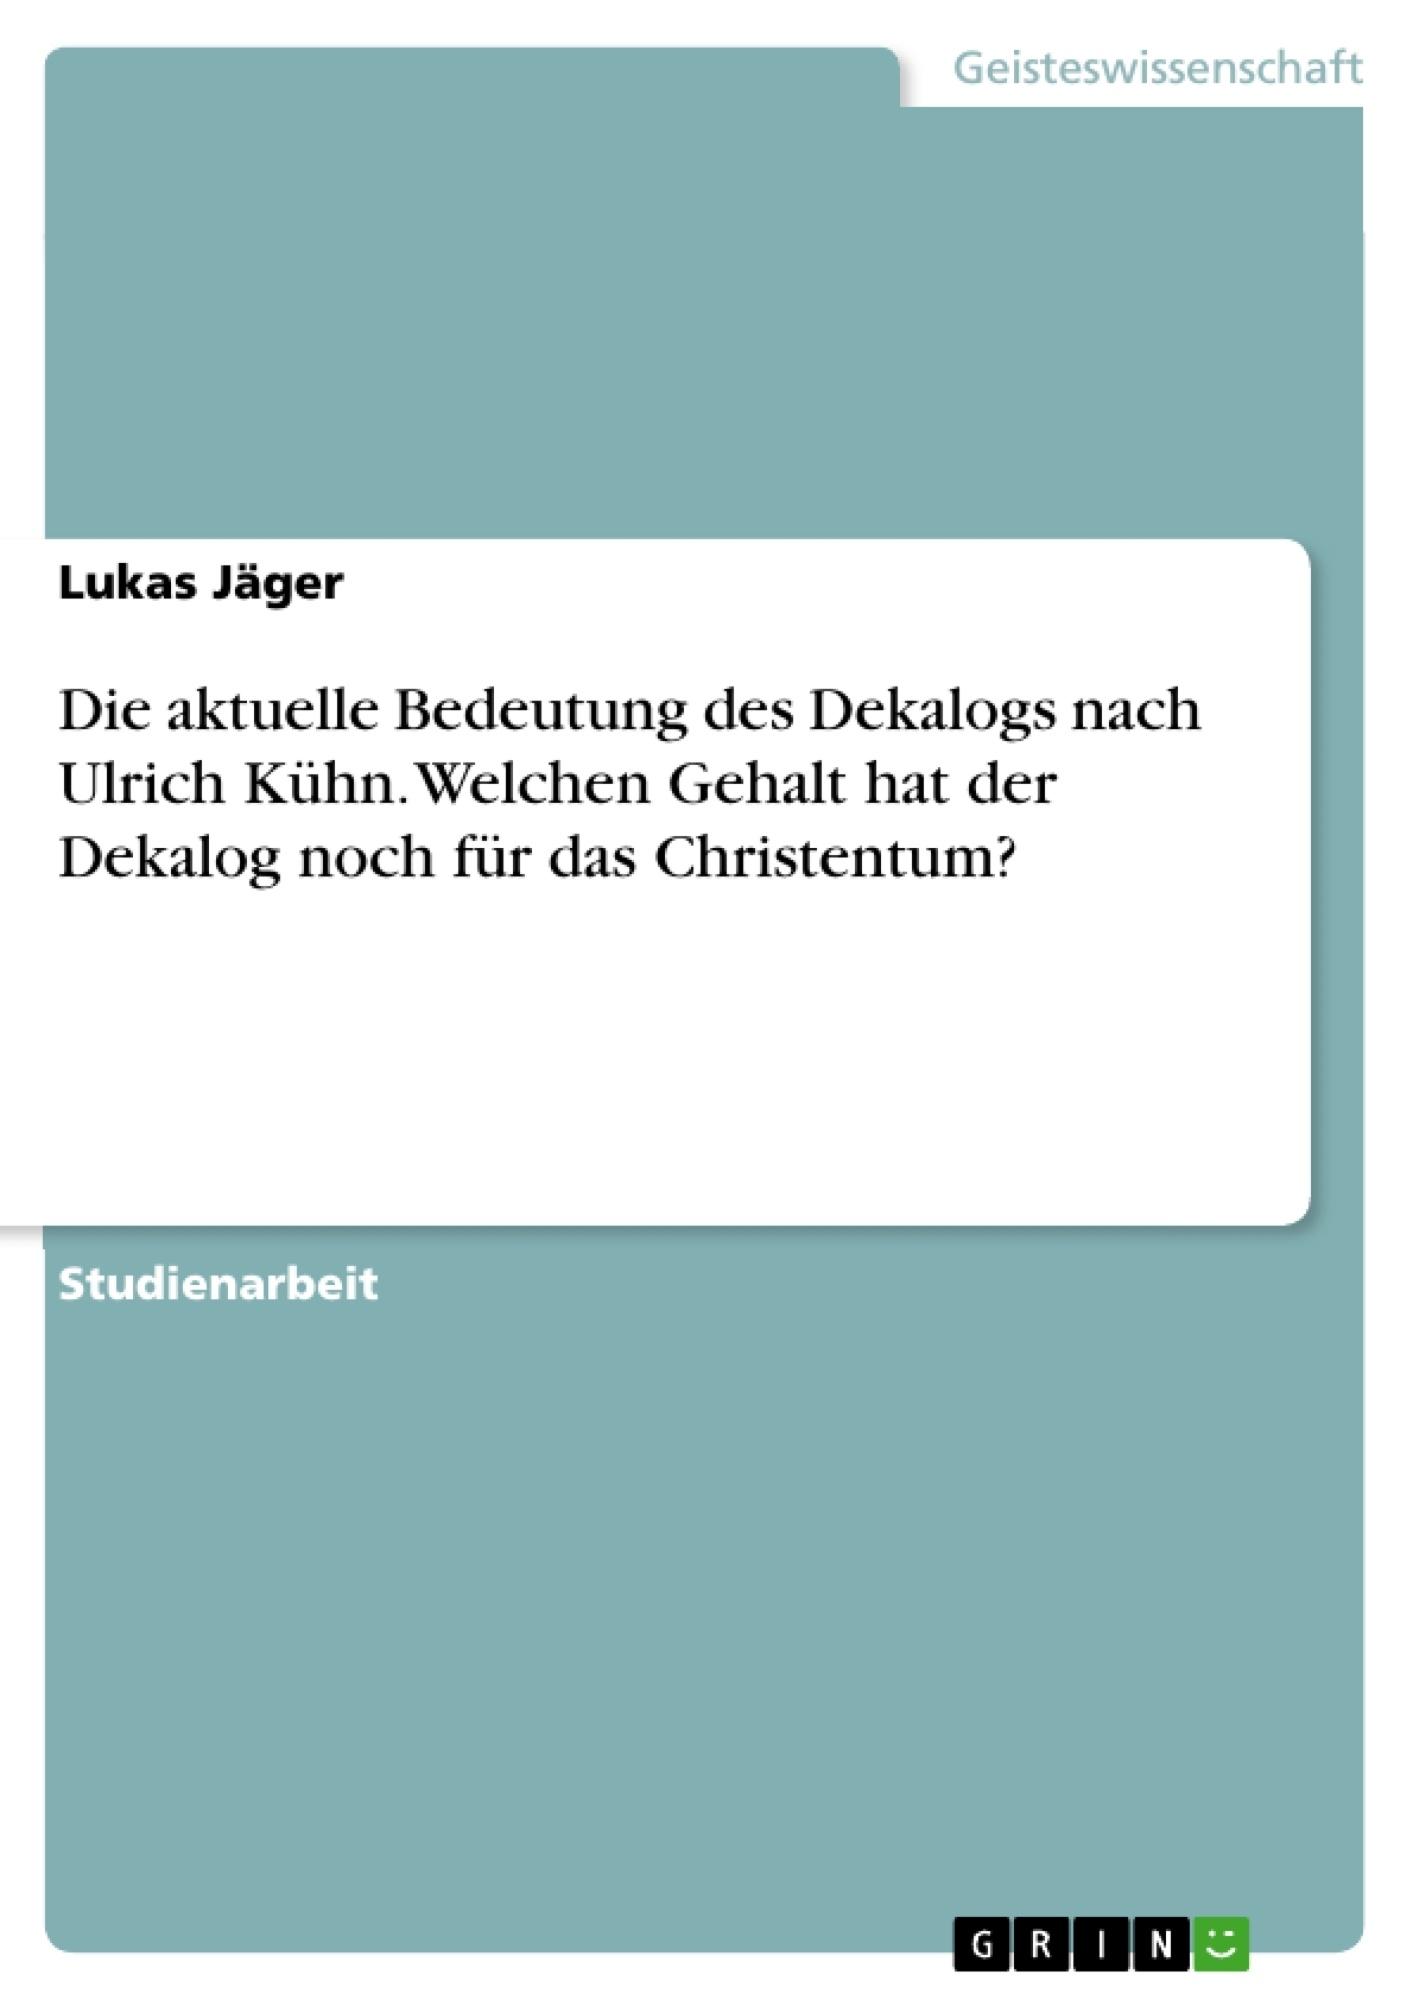 Titel: Die aktuelle Bedeutung des Dekalogs nach Ulrich Kühn. Welchen Gehalt hat der Dekalog noch für das Christentum?